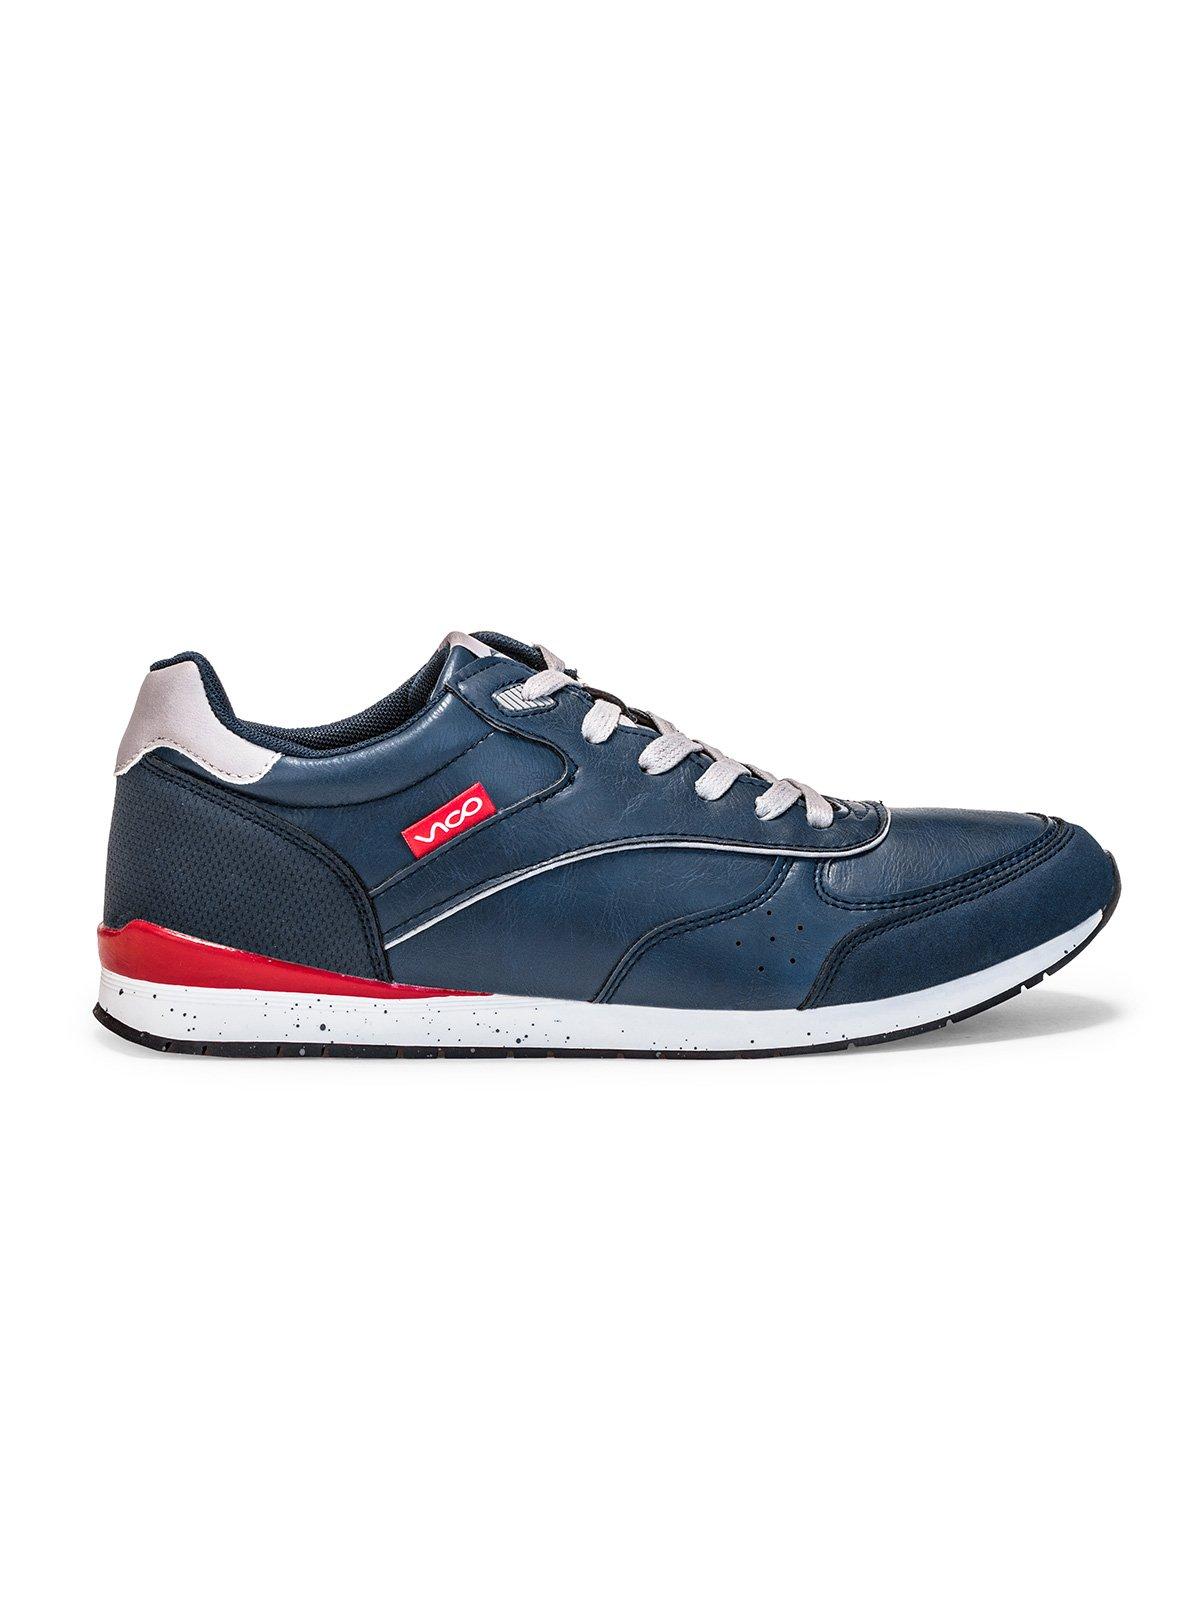 Buty MĘskie Sportowe T197 - Granatowe